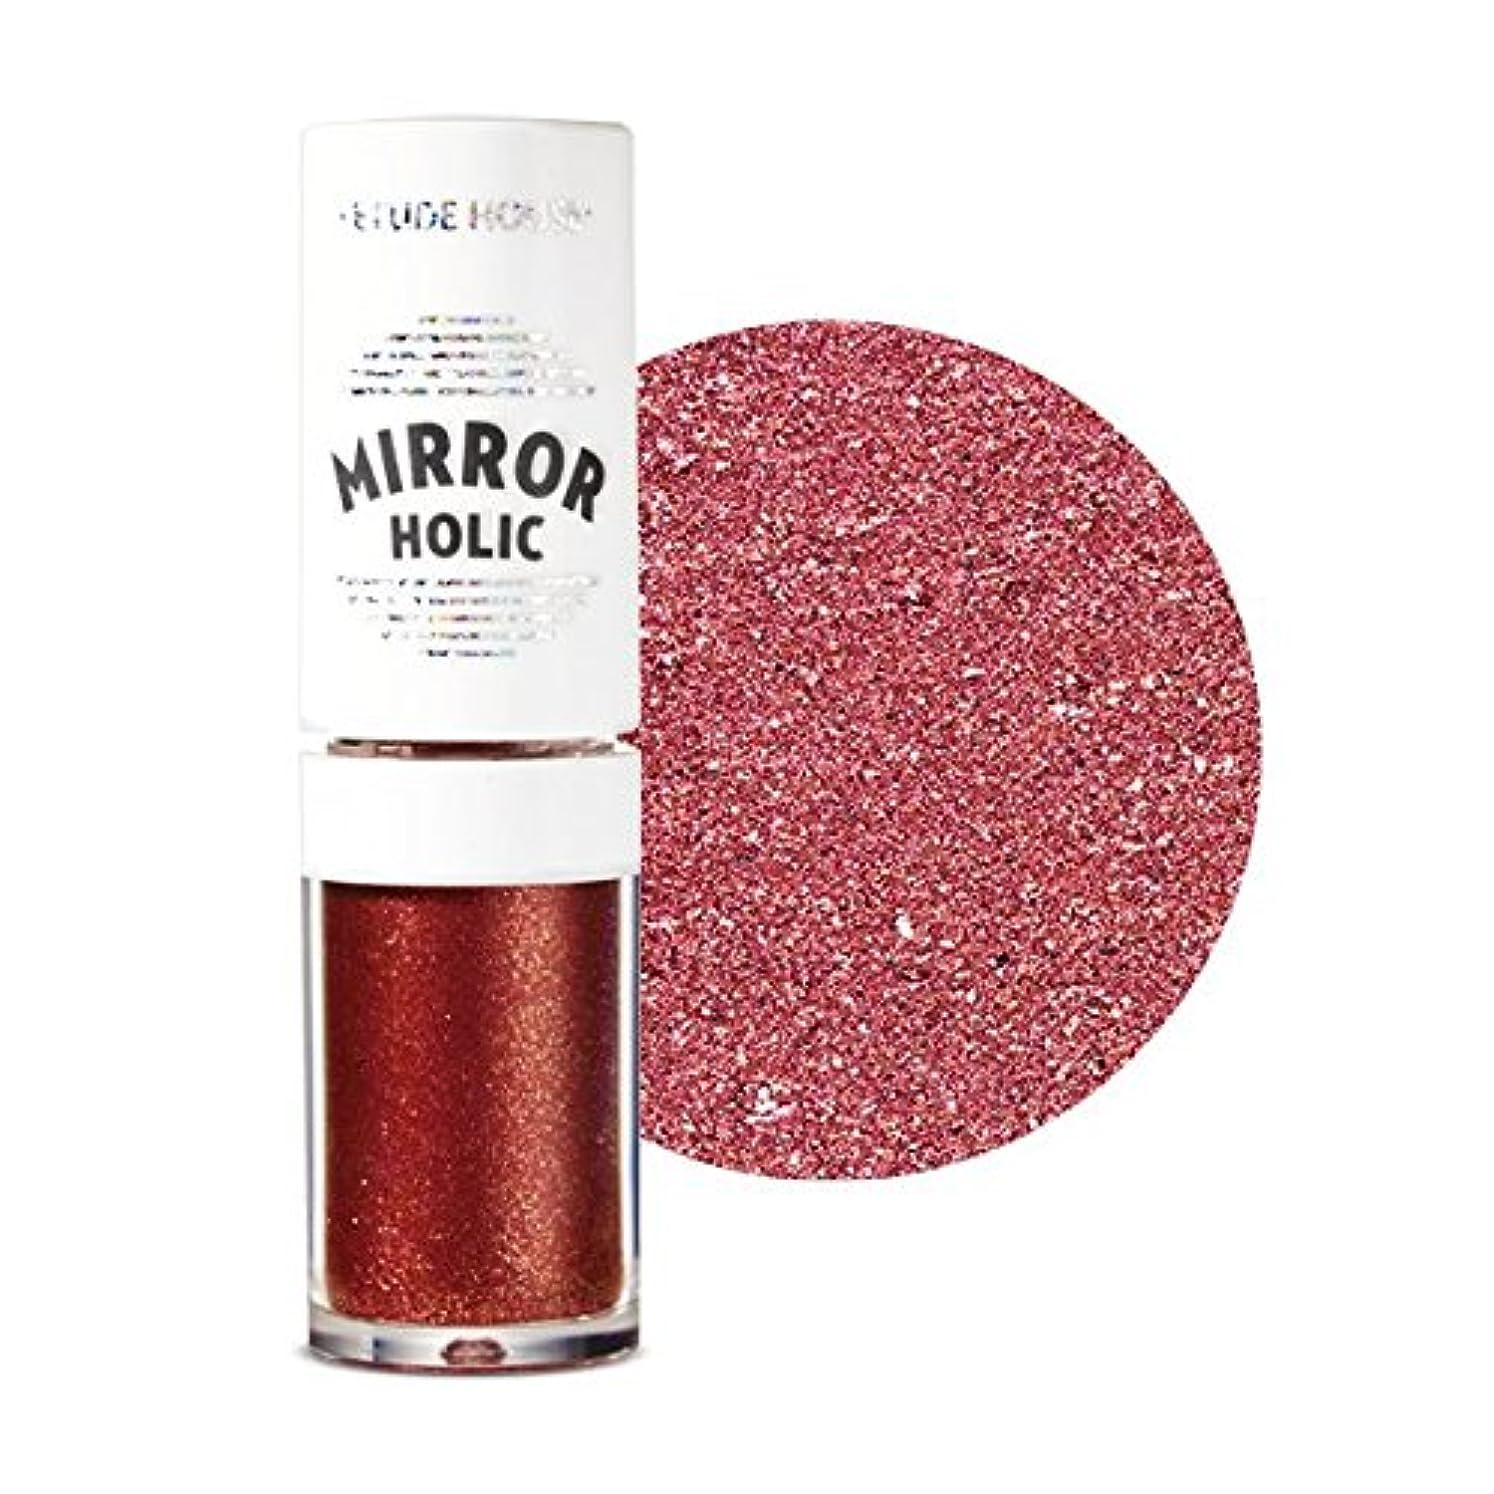 すぐに韻のりETUDE HOUSE Mirror Holic Liquid Eyes / エチュードハウス ミラーホリックリキッドアイズ ミラーホリックリキッドアイズ (RD301) [並行輸入品]